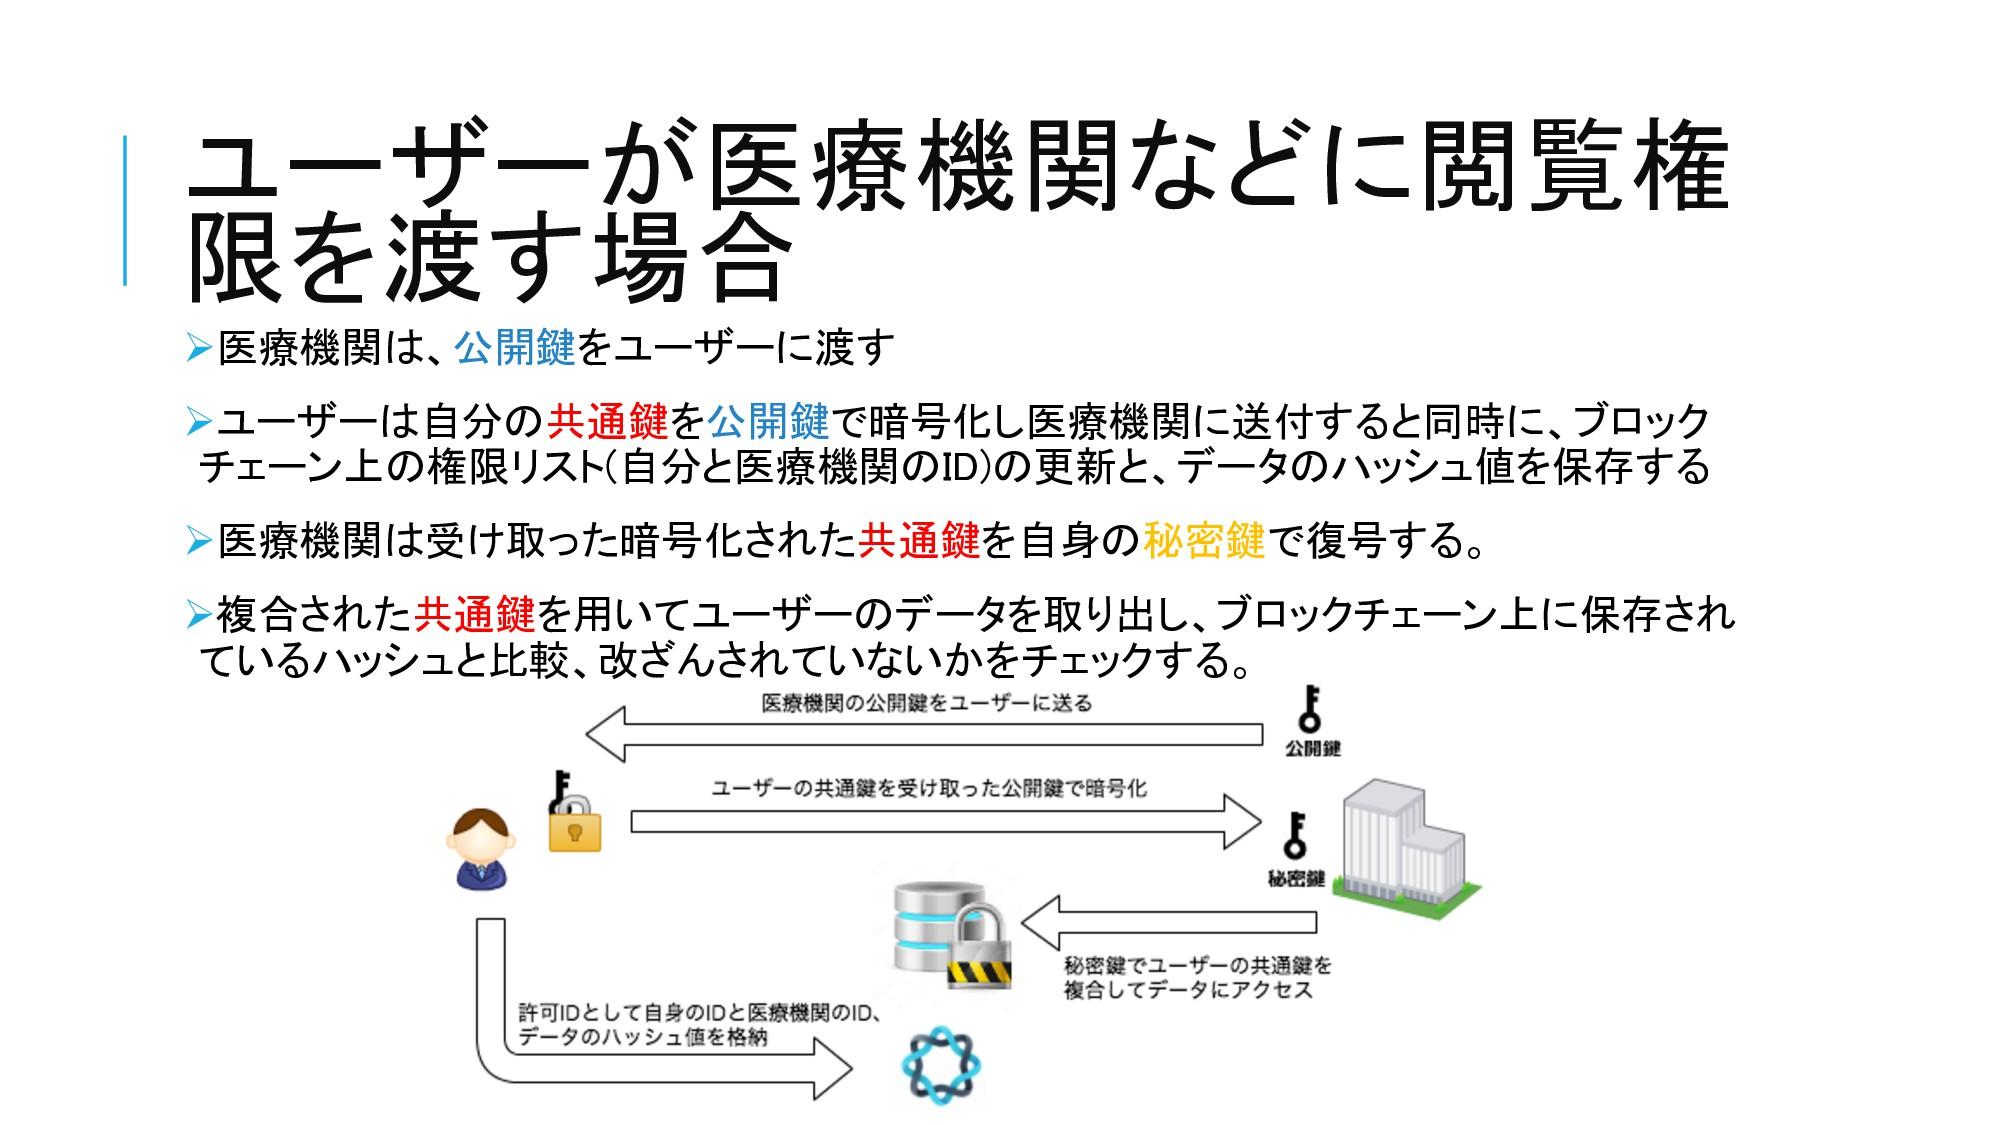 ユーザーが医療機関などに閲覧権 限を渡す場合 Ø医療機関は、公開鍵をユーザーに渡す Øユーザー...